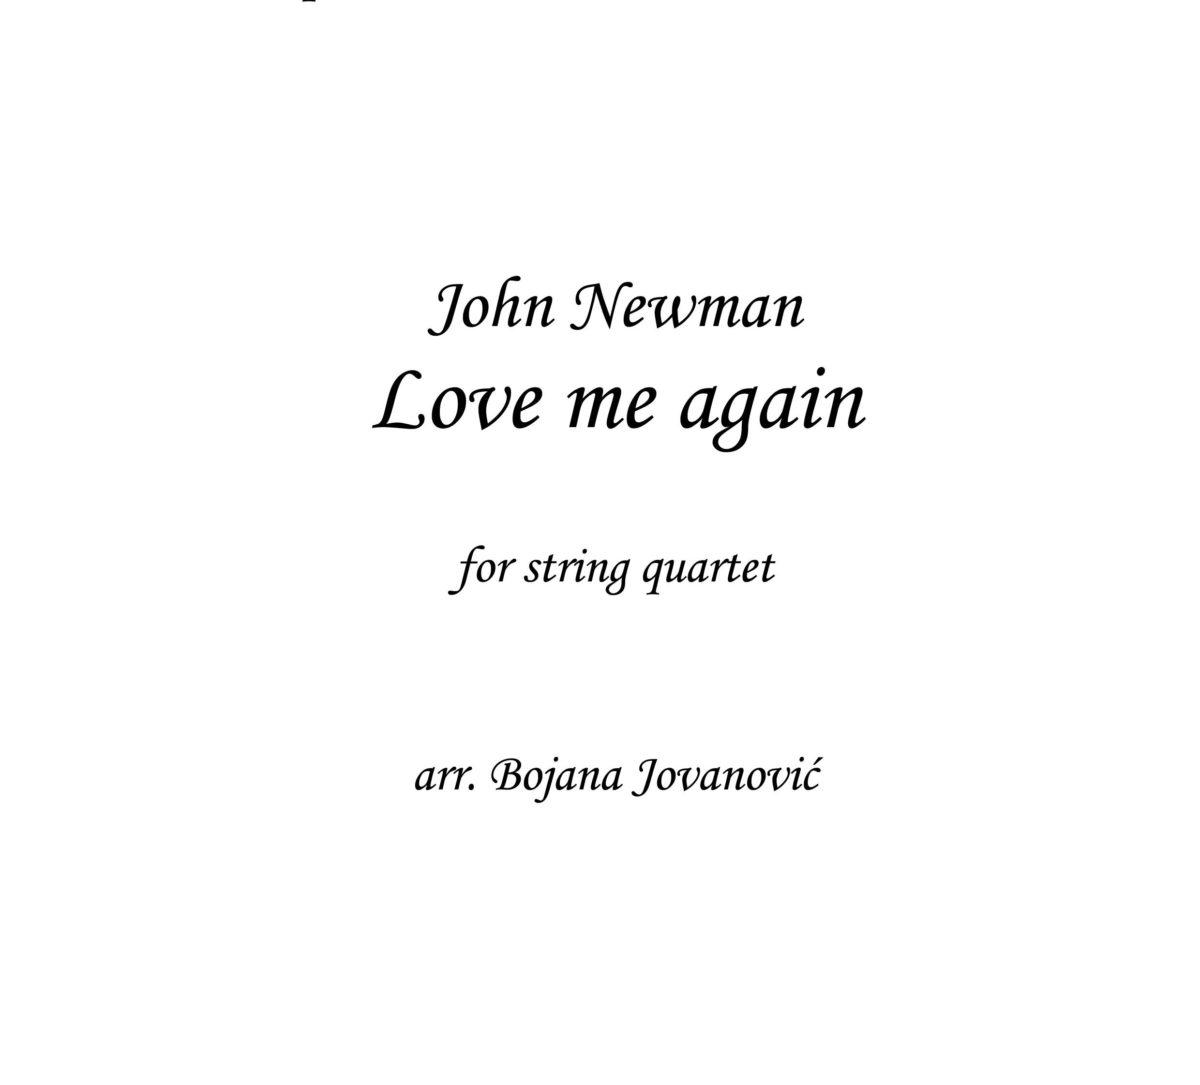 Love me again (John Newman) - Sheet Music